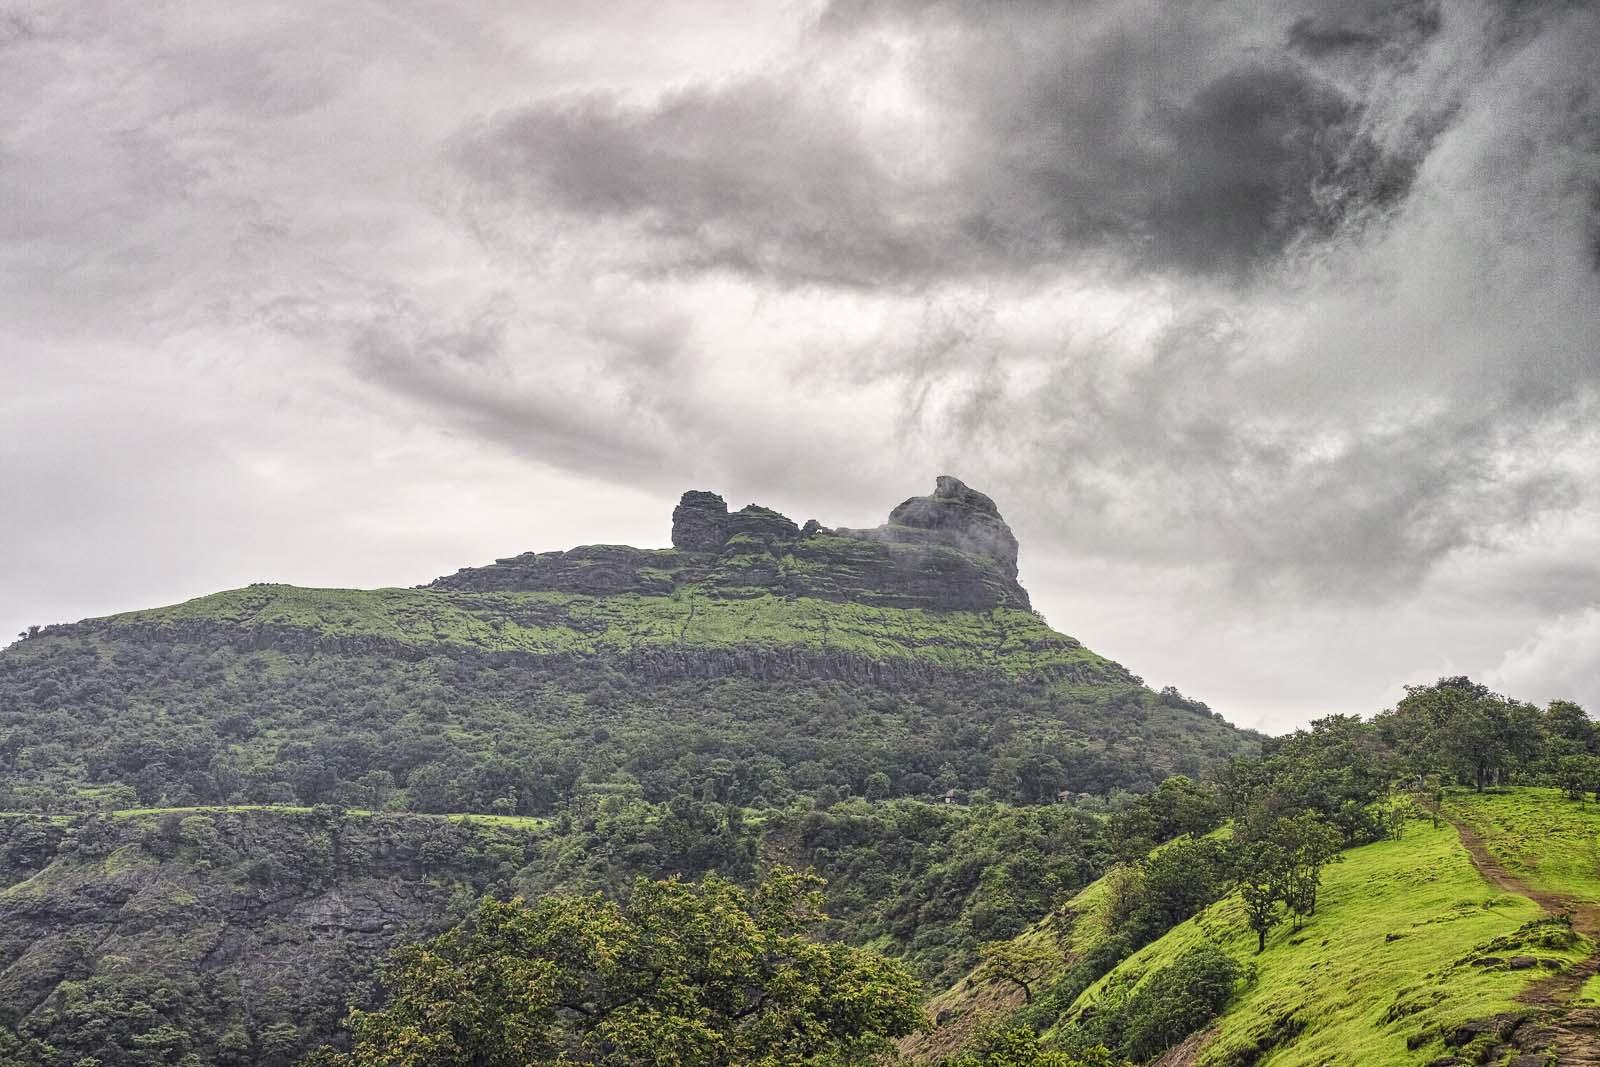 Bhanu1313